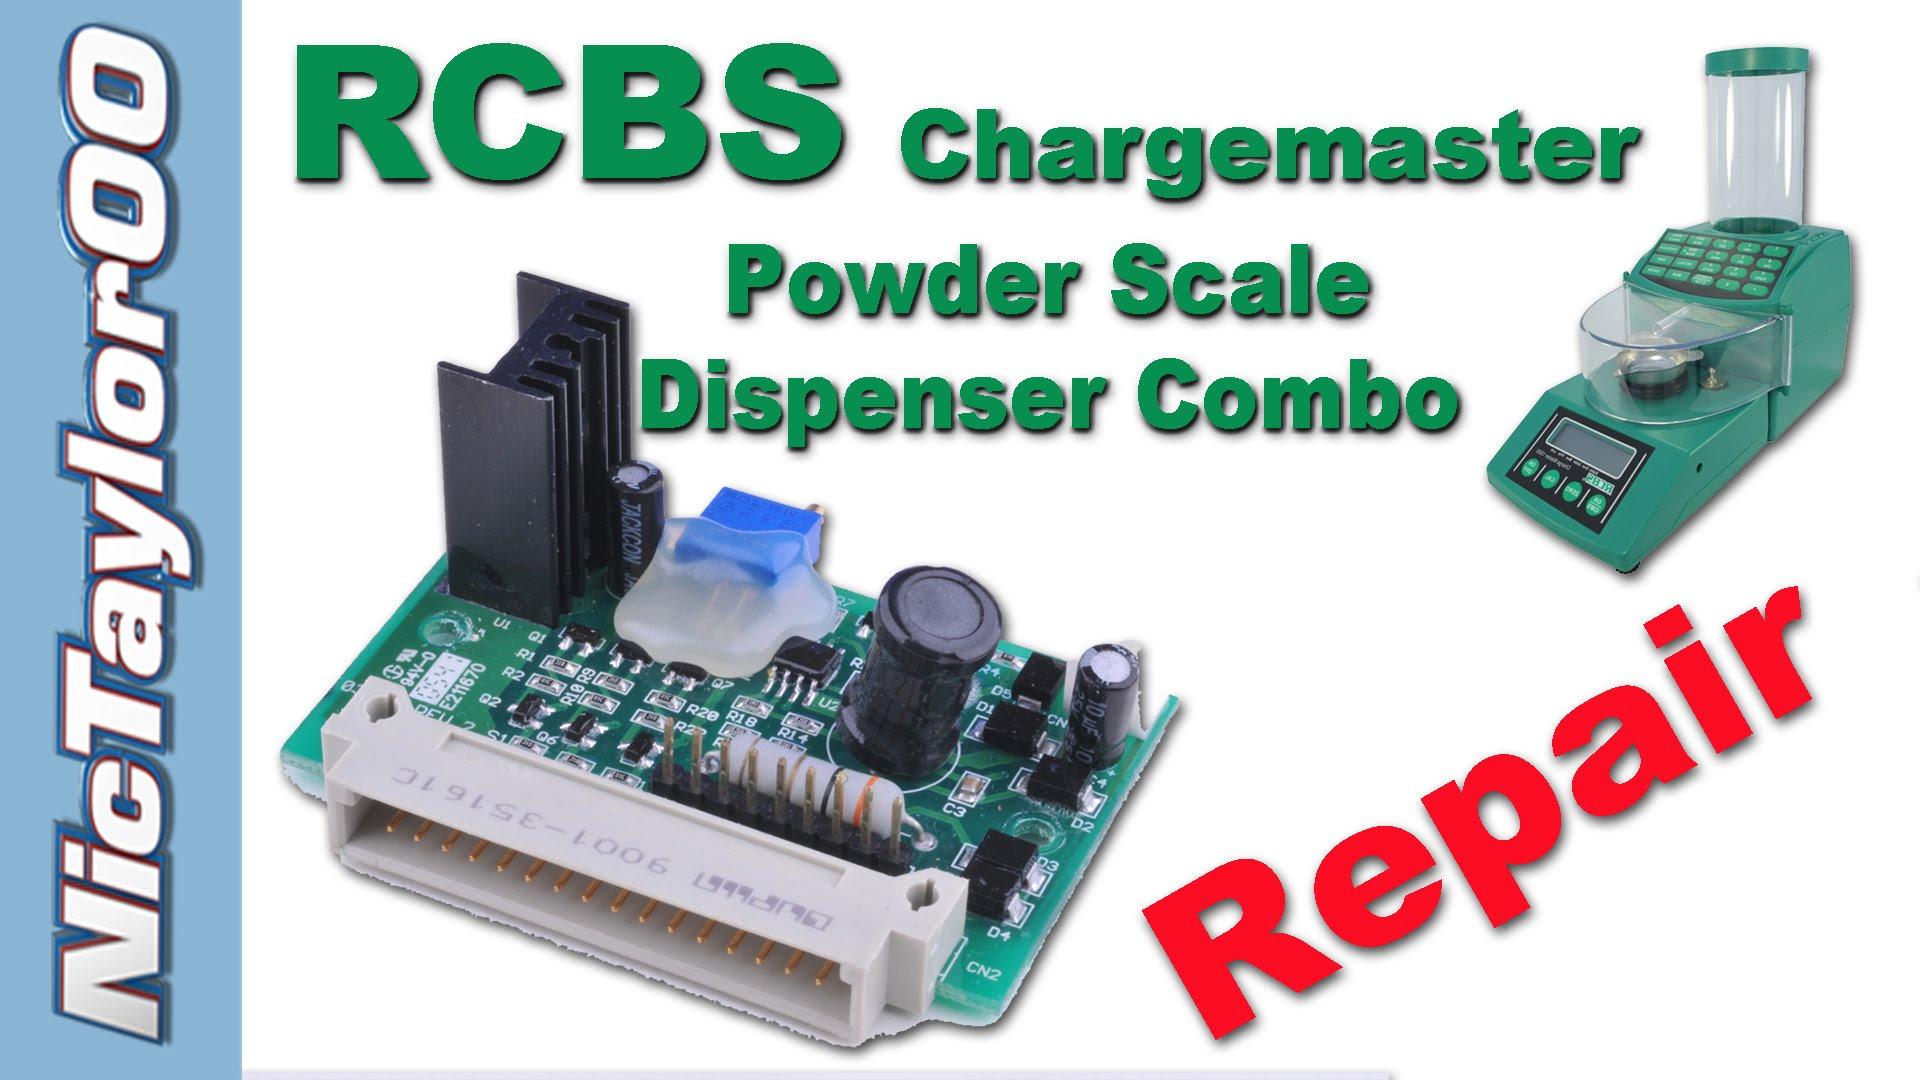 RCBS Chargemaster 1500 DIY Repair